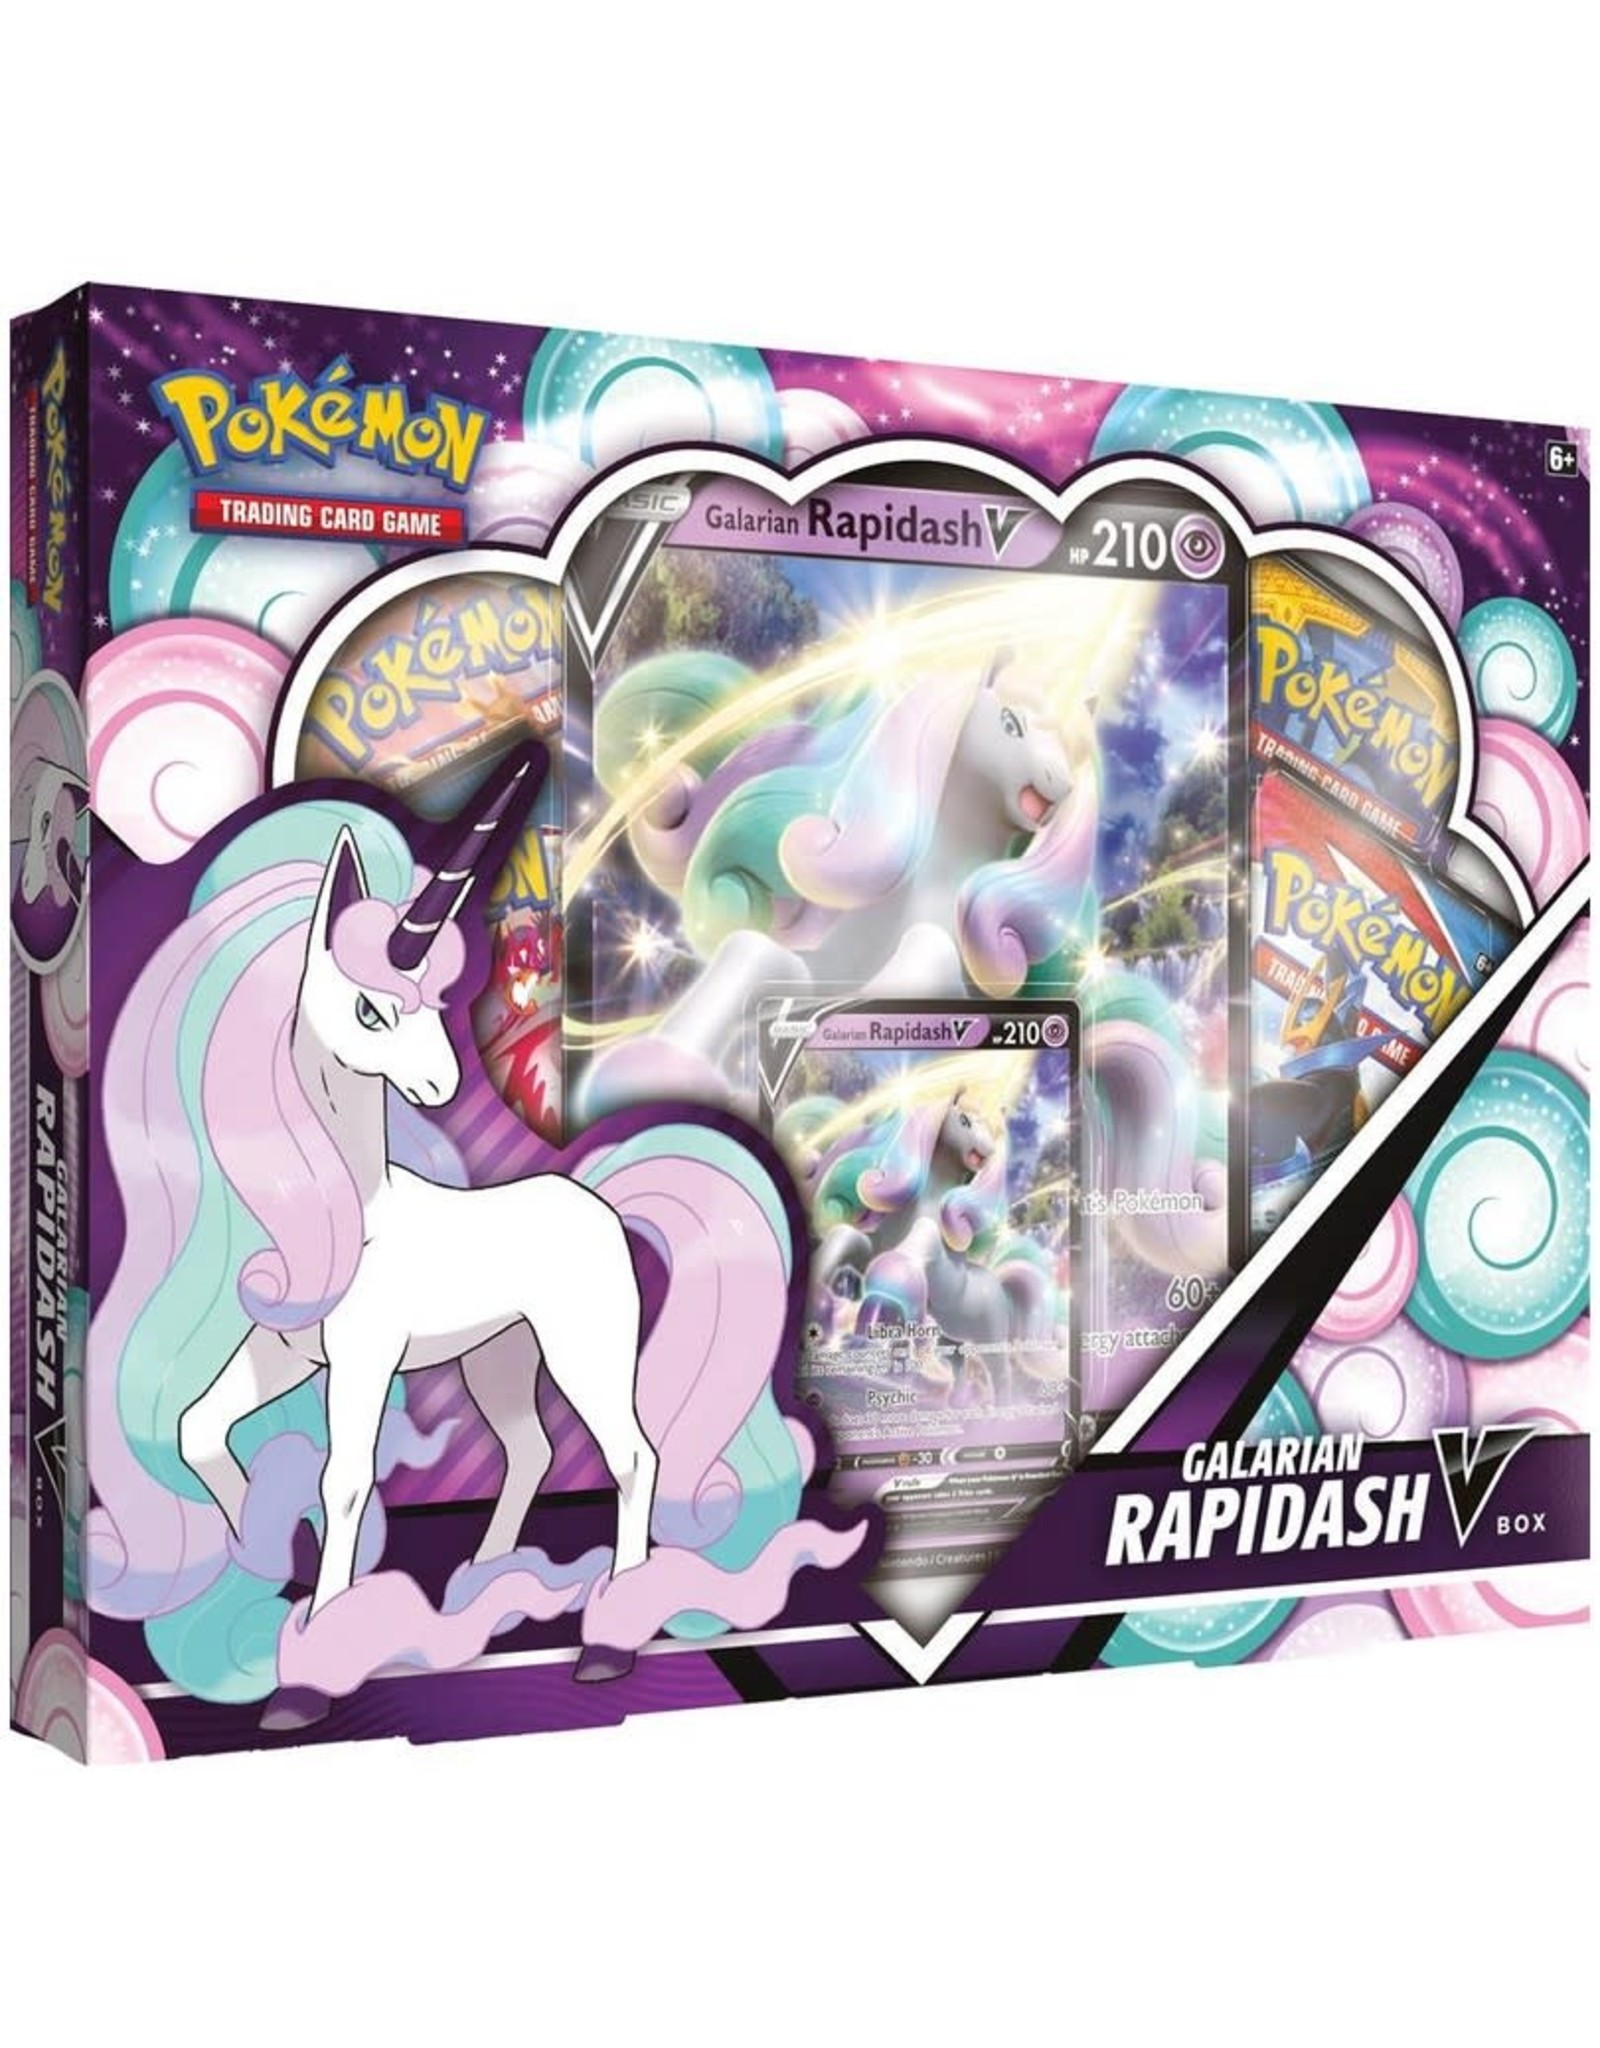 Pokemon Trading Card Game - Galarian Rapidash V Box